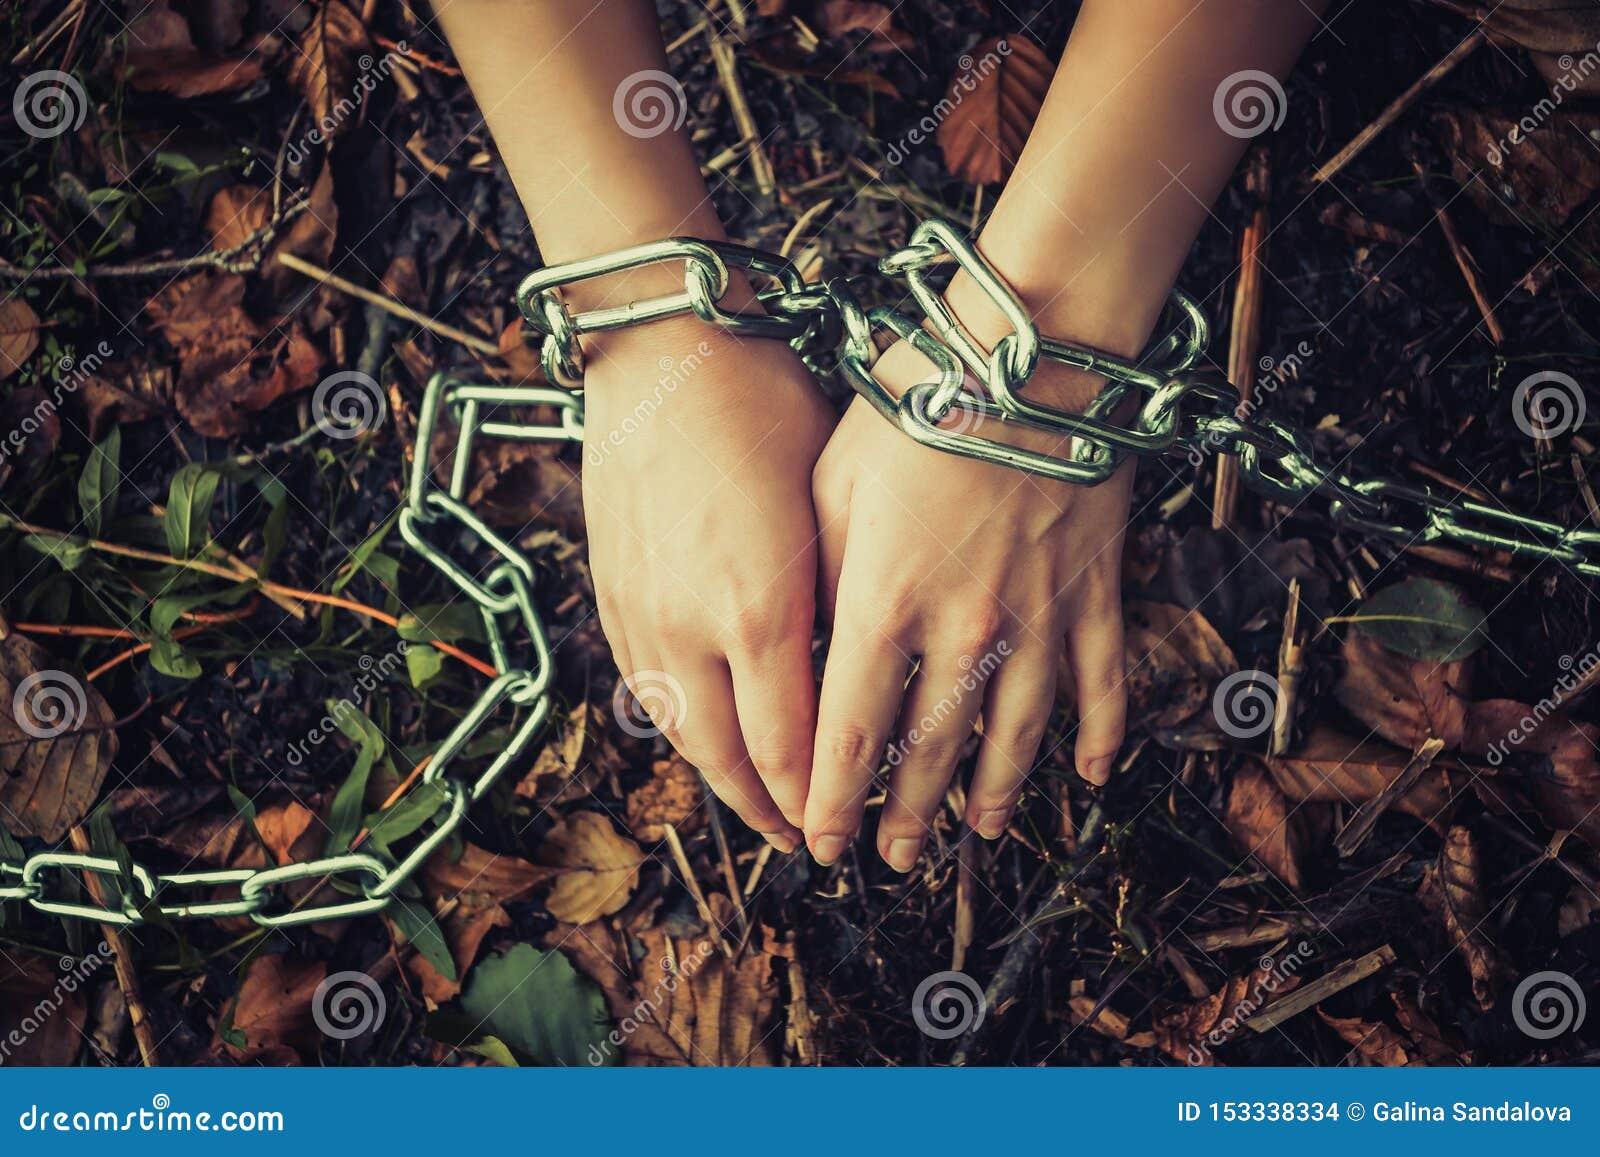 Kobiet ręki przykuwać w ciemnym lesie - pojęcie przemoc, zakładnik, niewolnictwo